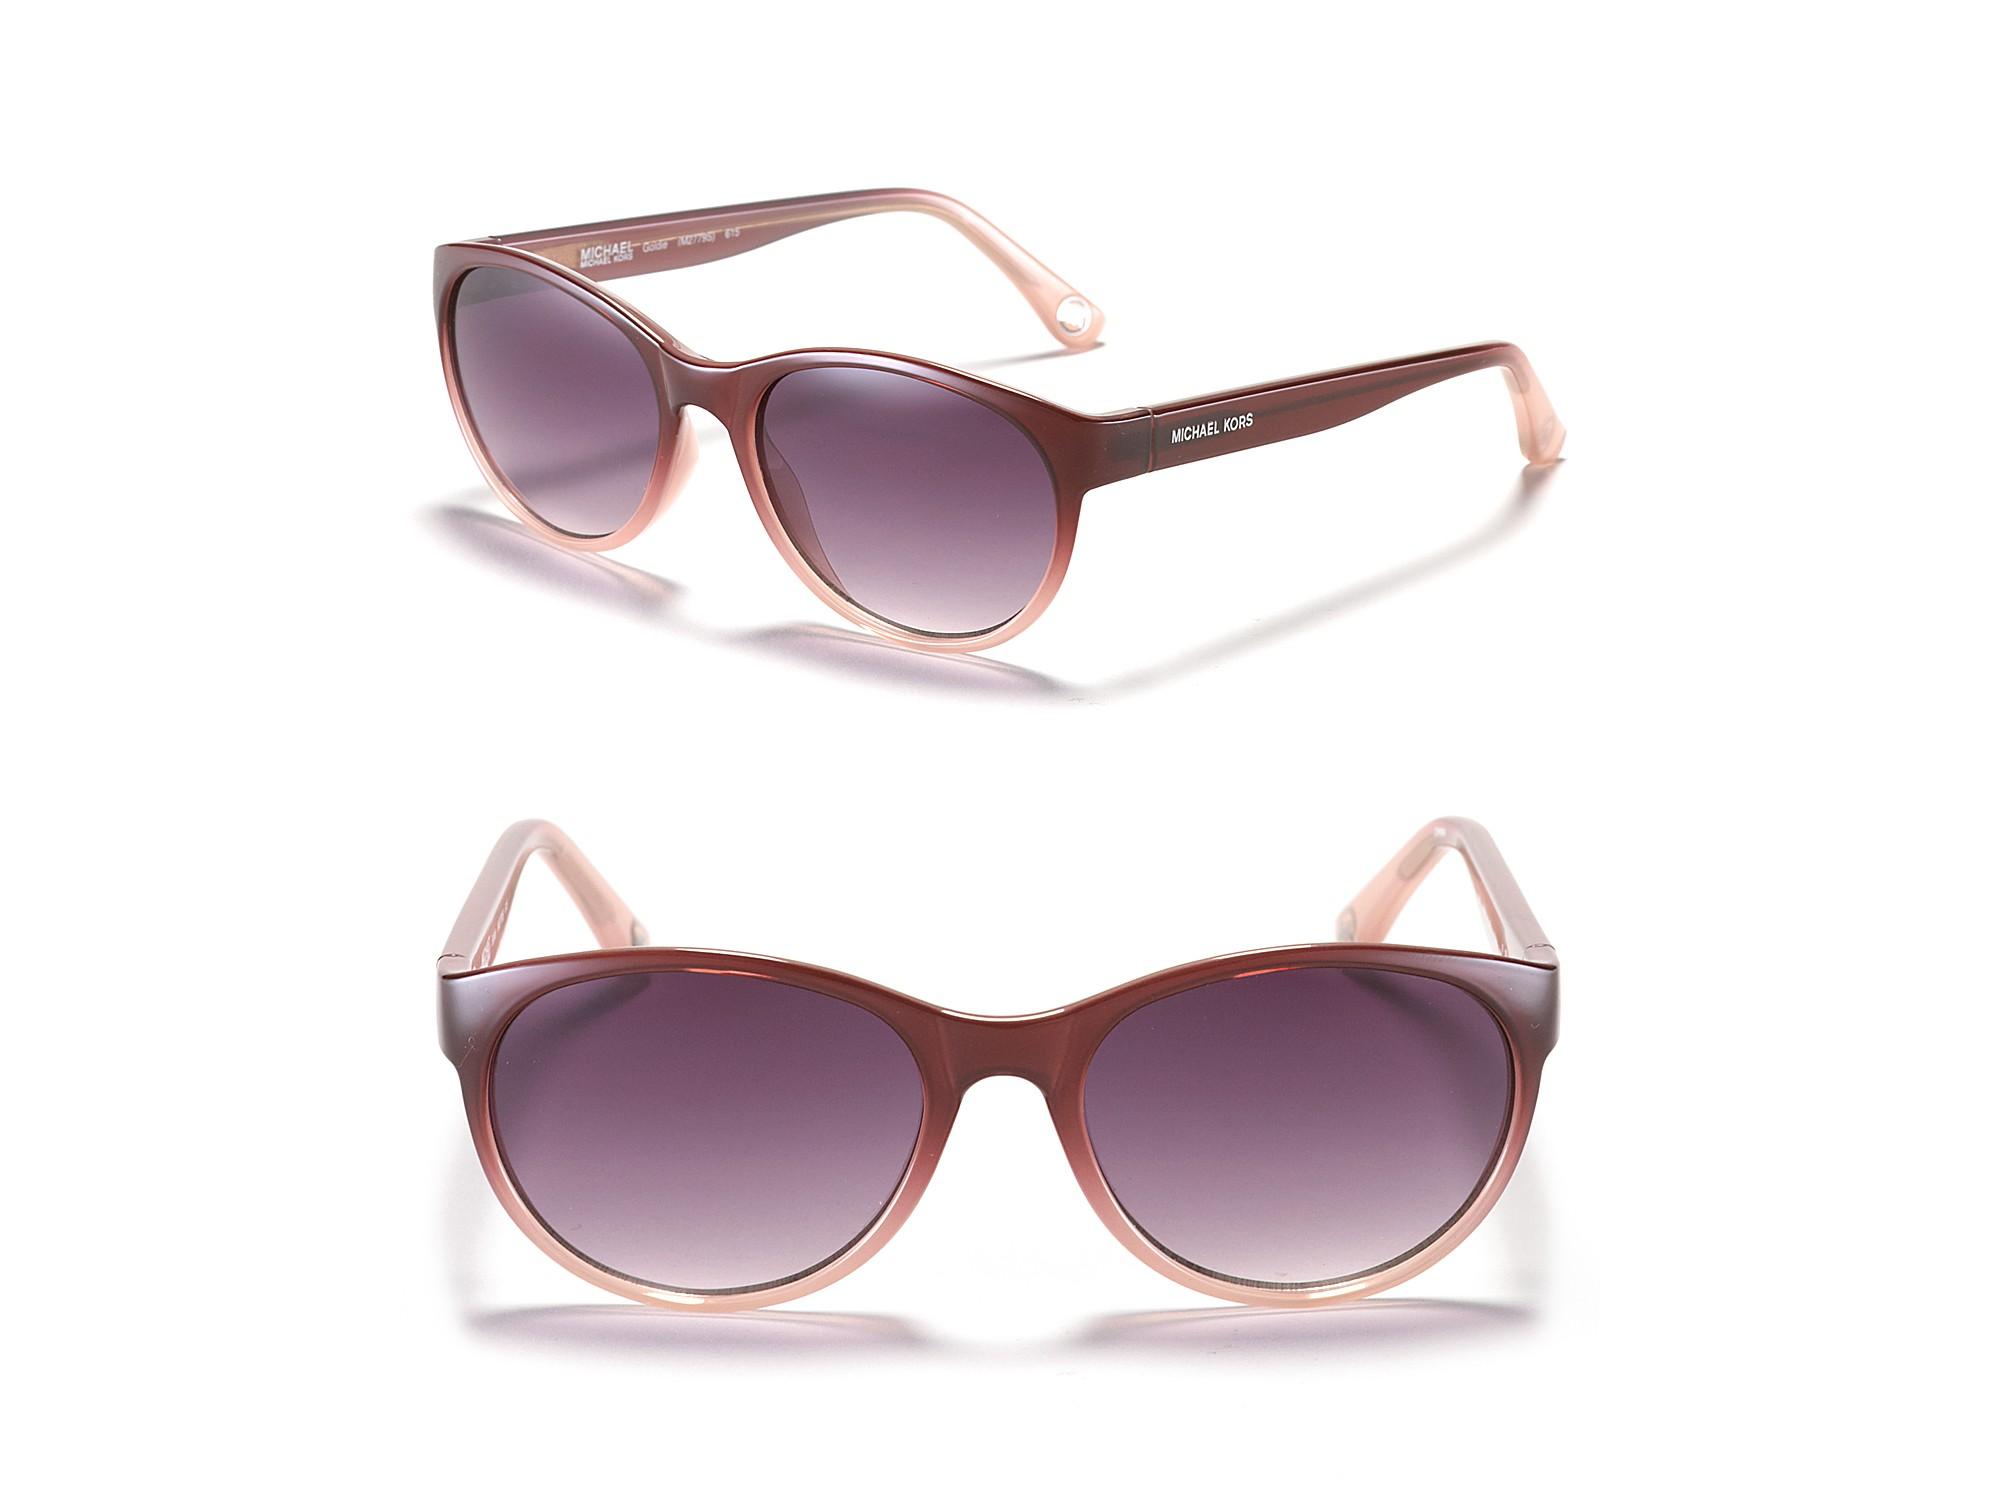 377872aad4 Michael Kors Michael Goldie Cat Eye Sunglasses in Black (tortoise)